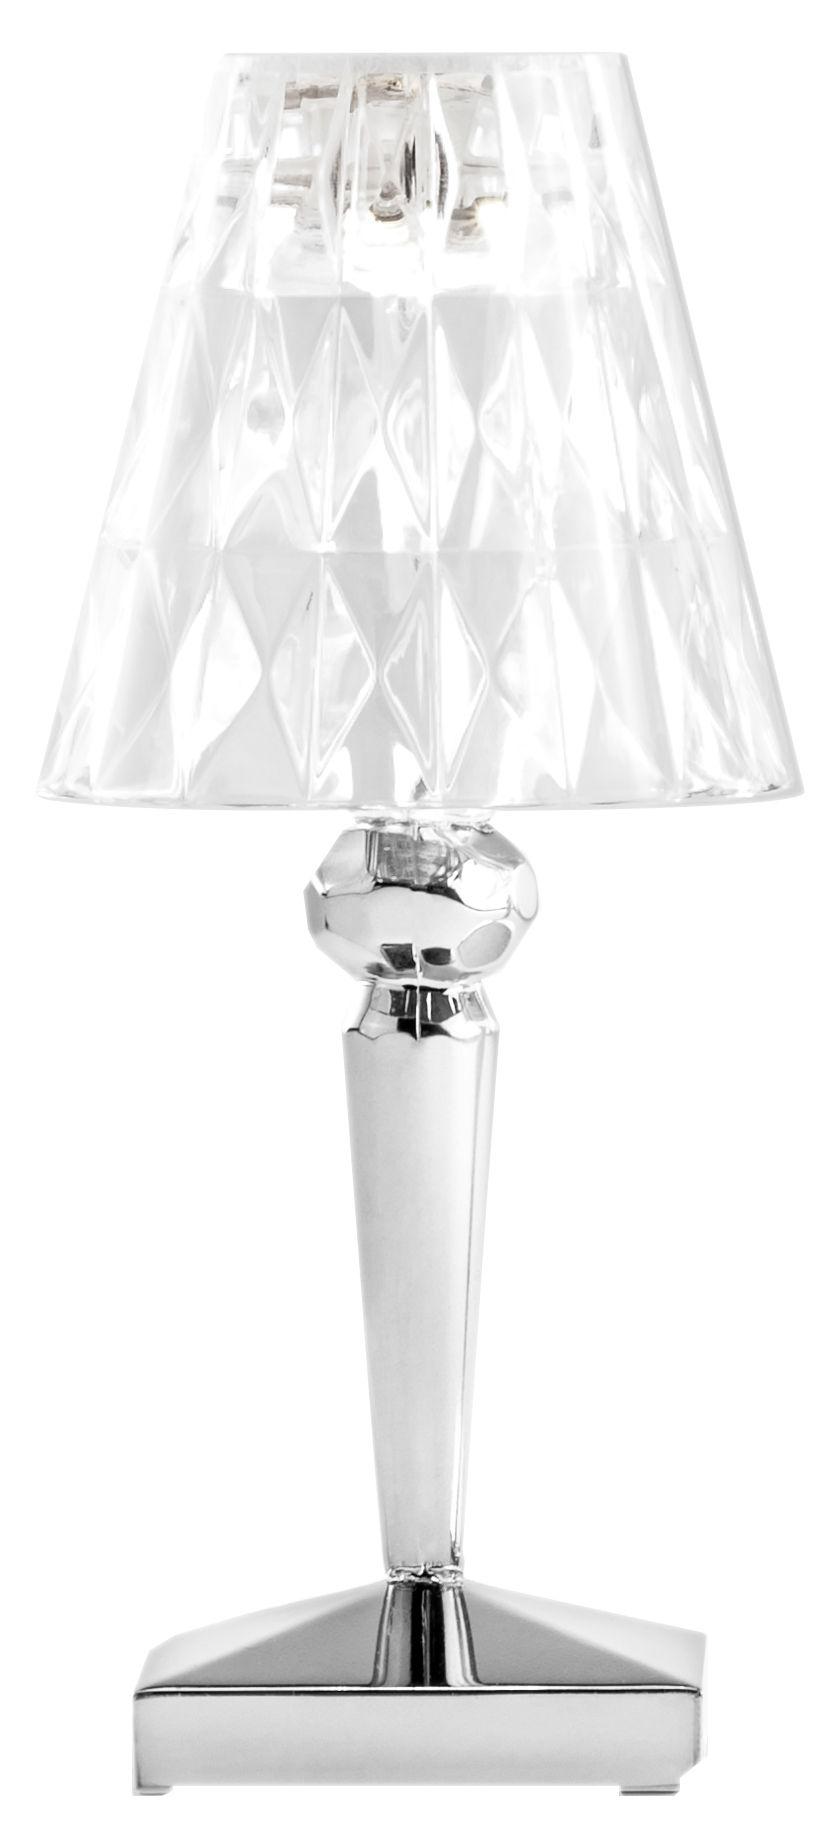 battery led mit usb ladeport kartell lampe ohne kabel. Black Bedroom Furniture Sets. Home Design Ideas